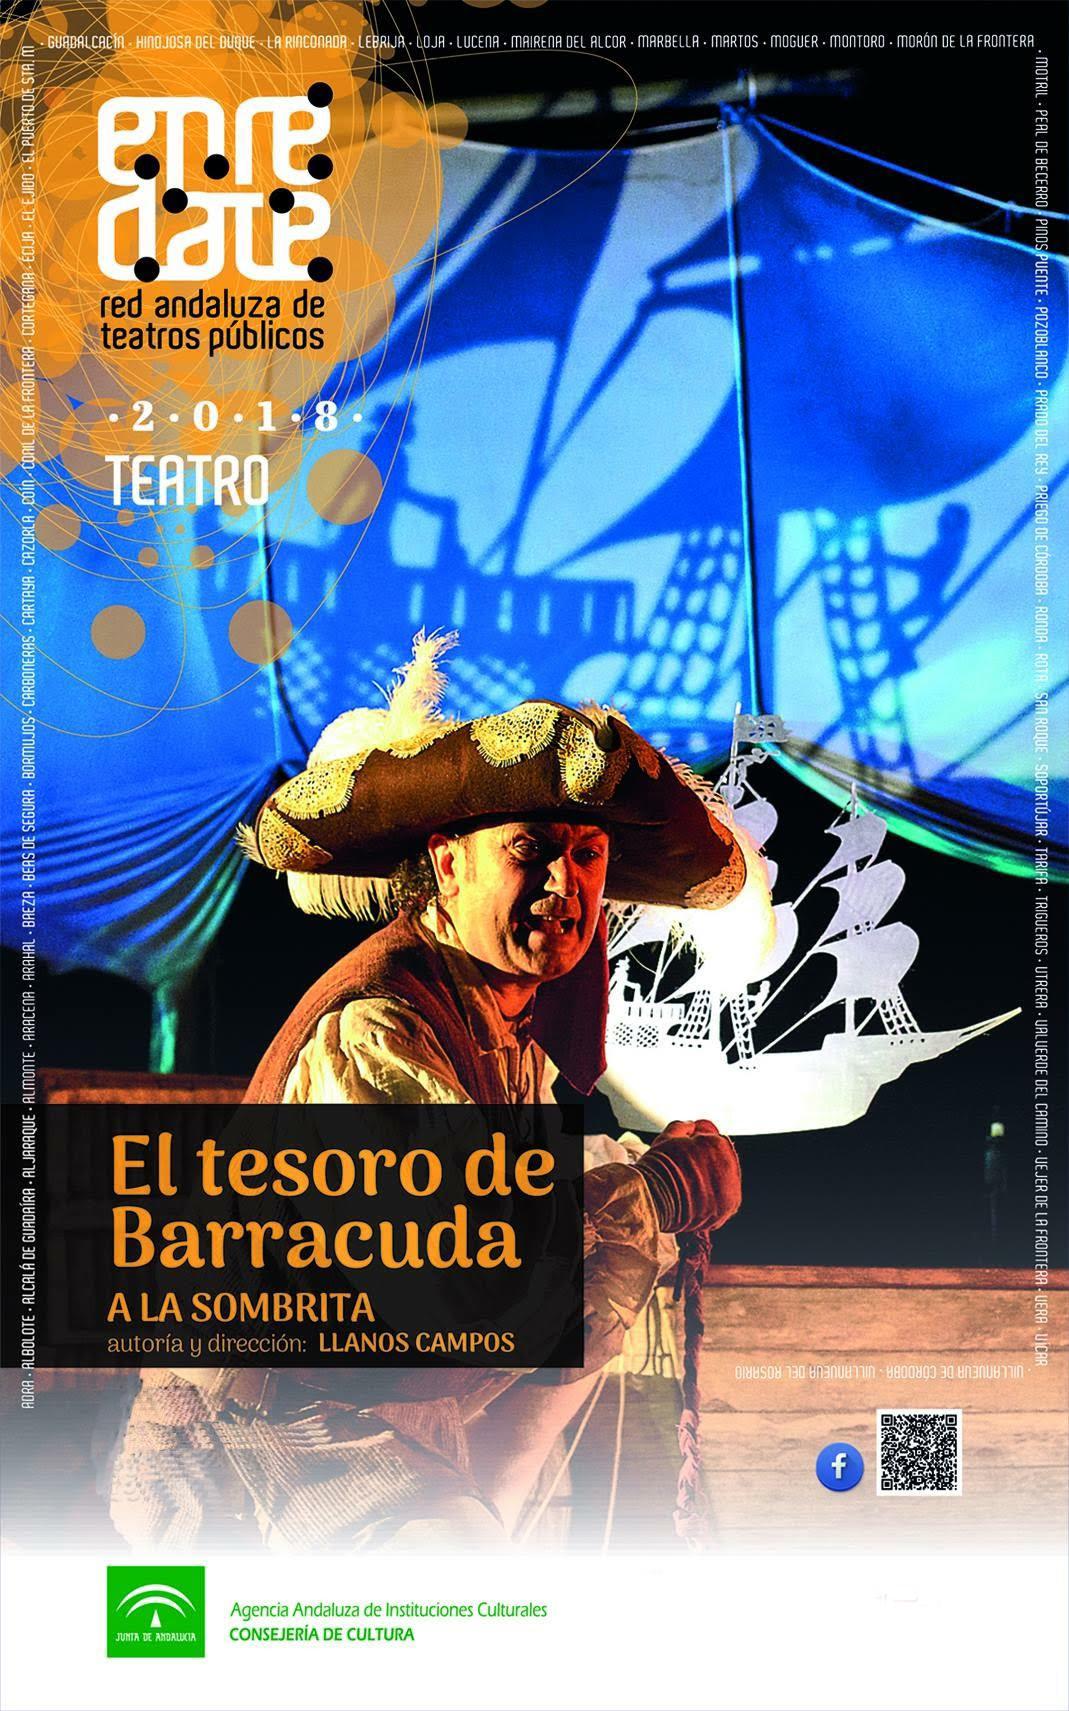 Imagen del espectáculo - El tesoro de Barracuda